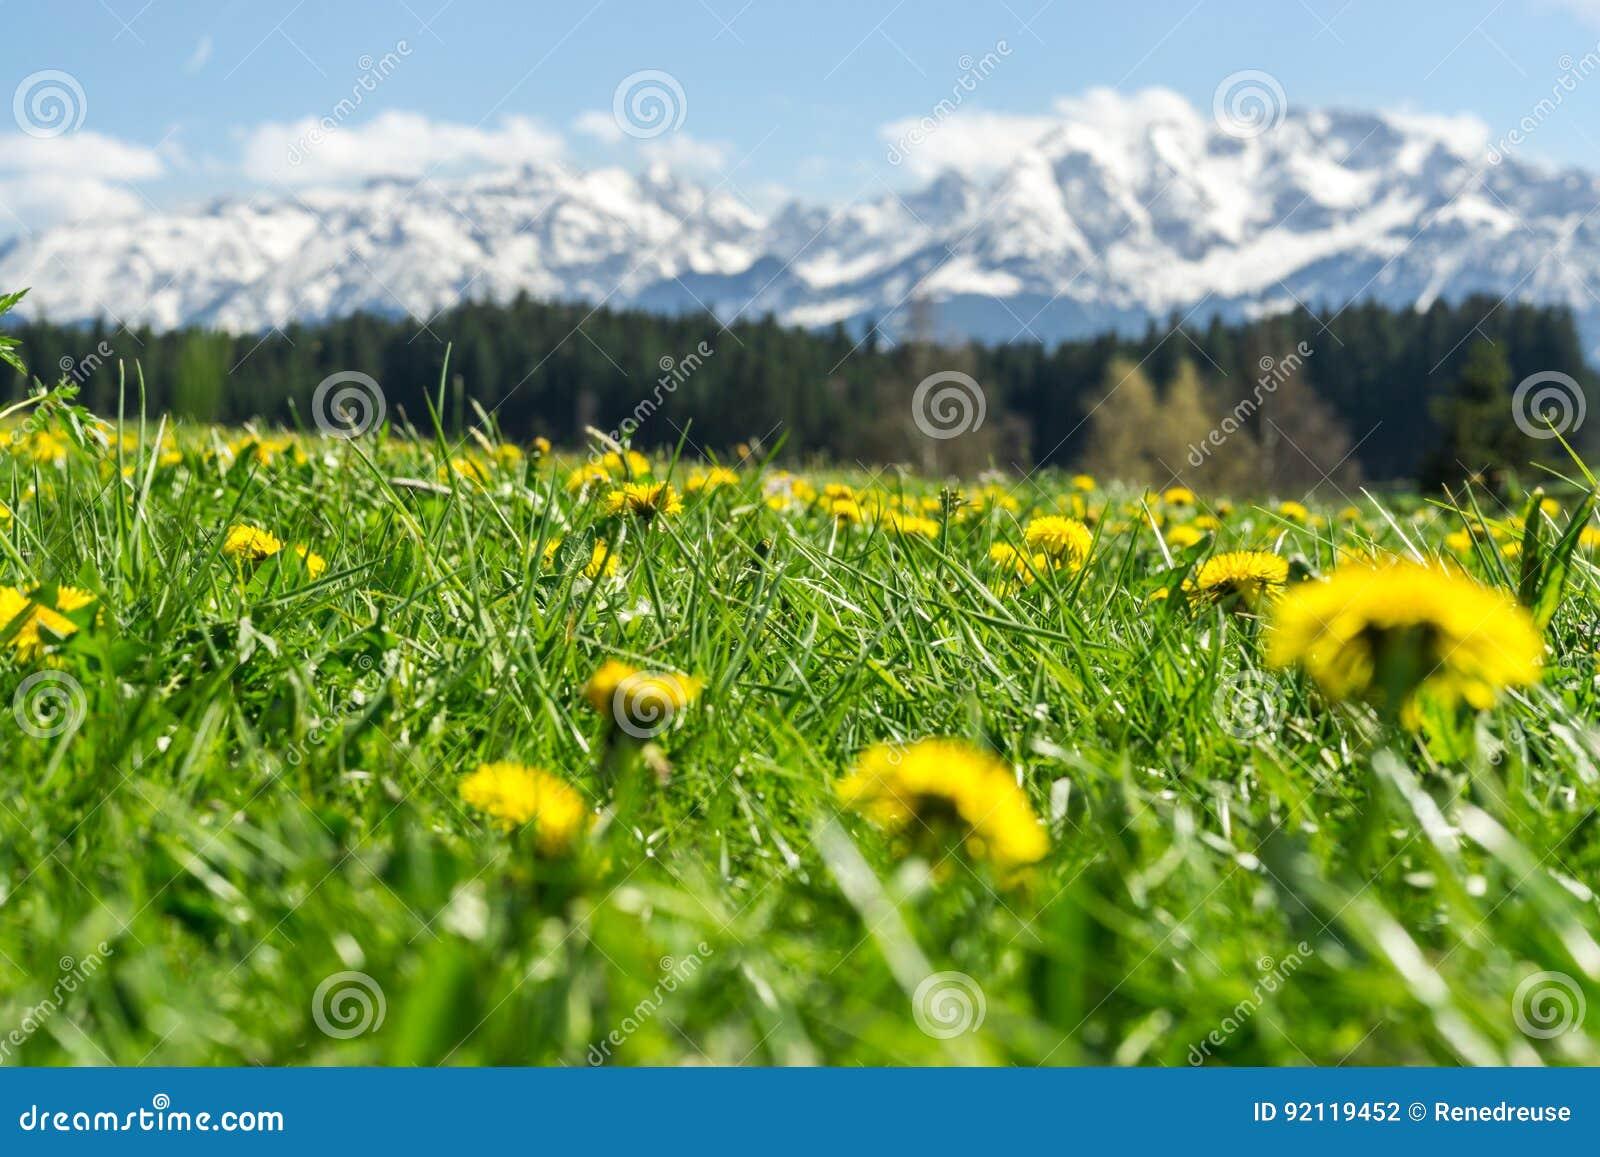 Schöne Gelbe Blumenwiese In Einer Idyllischen Gebirgslandschaft